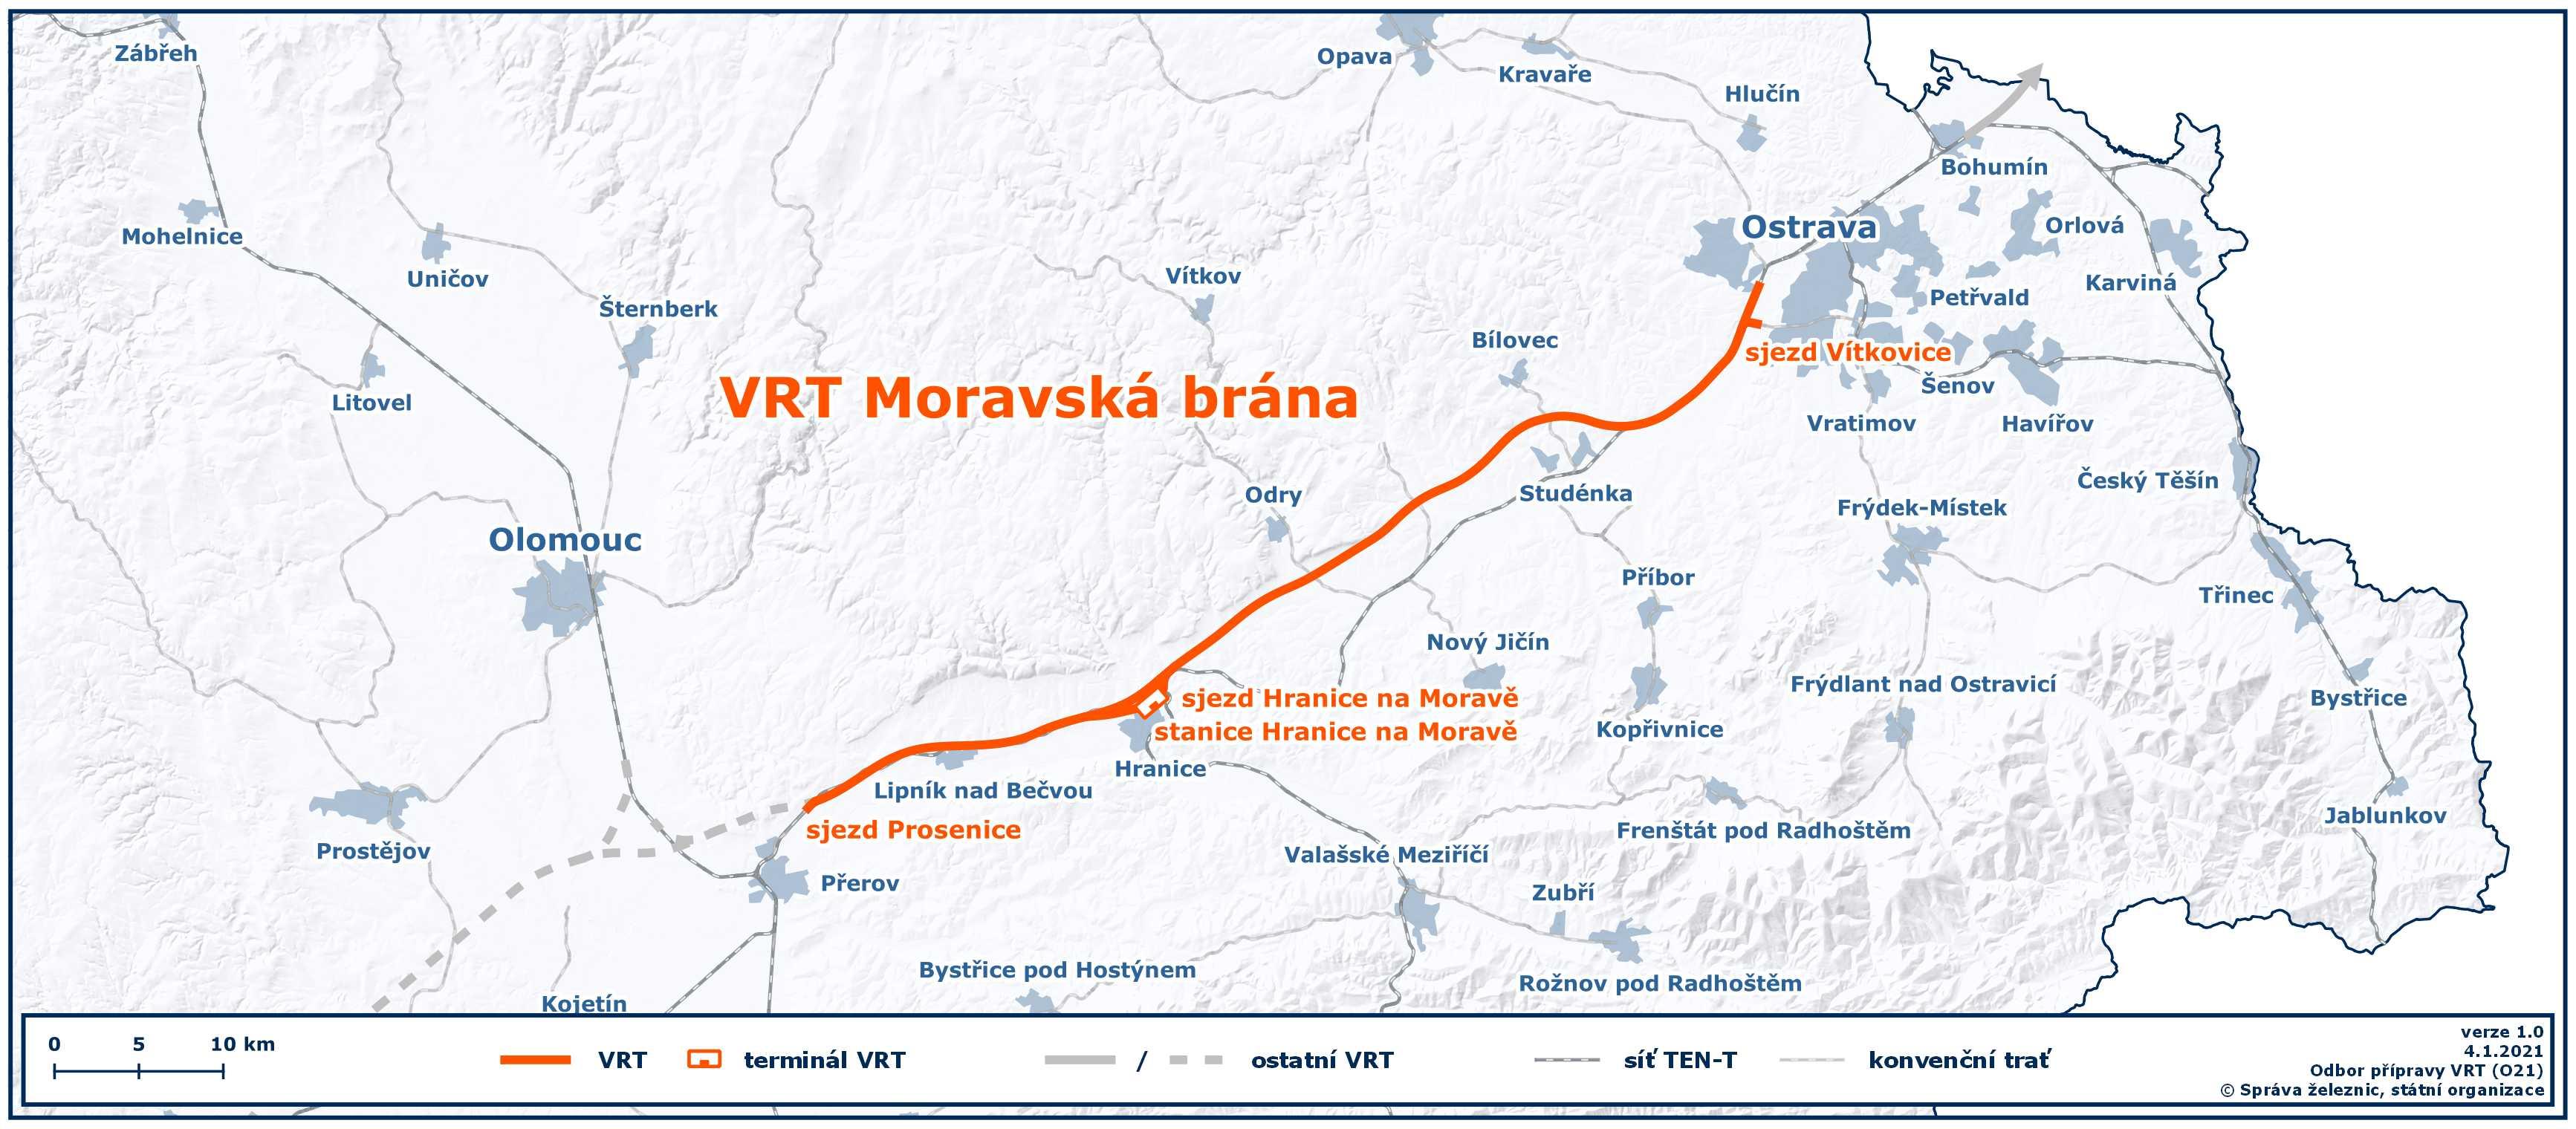 Mapa VRT Moravská brána